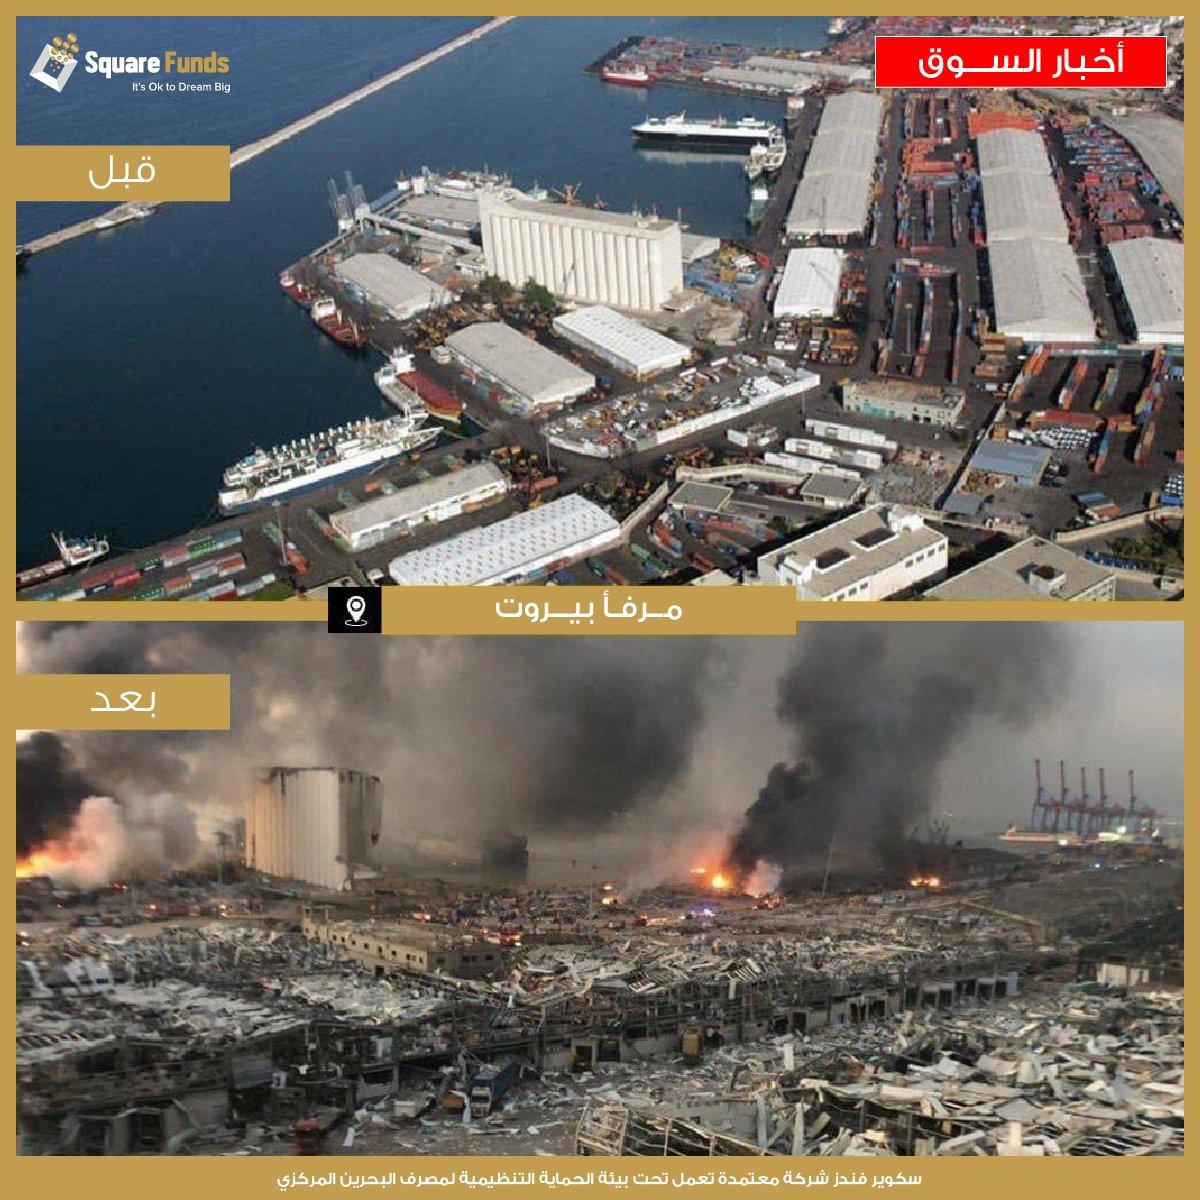 تسبب انفجار بيروت في تشريد 200 ألف شخص بتكلفة تقديرية للأضرار تصل إلى 5 مليارات دولار مصحوبة بارتفاع حاد في أسعار المواد الغذائية بنسبة 12٪.#Beirut #Lebanon #Squarefunds #2020 #بيروت_ستنهض #صارالوقت https://t.co/L7nsGahqVd